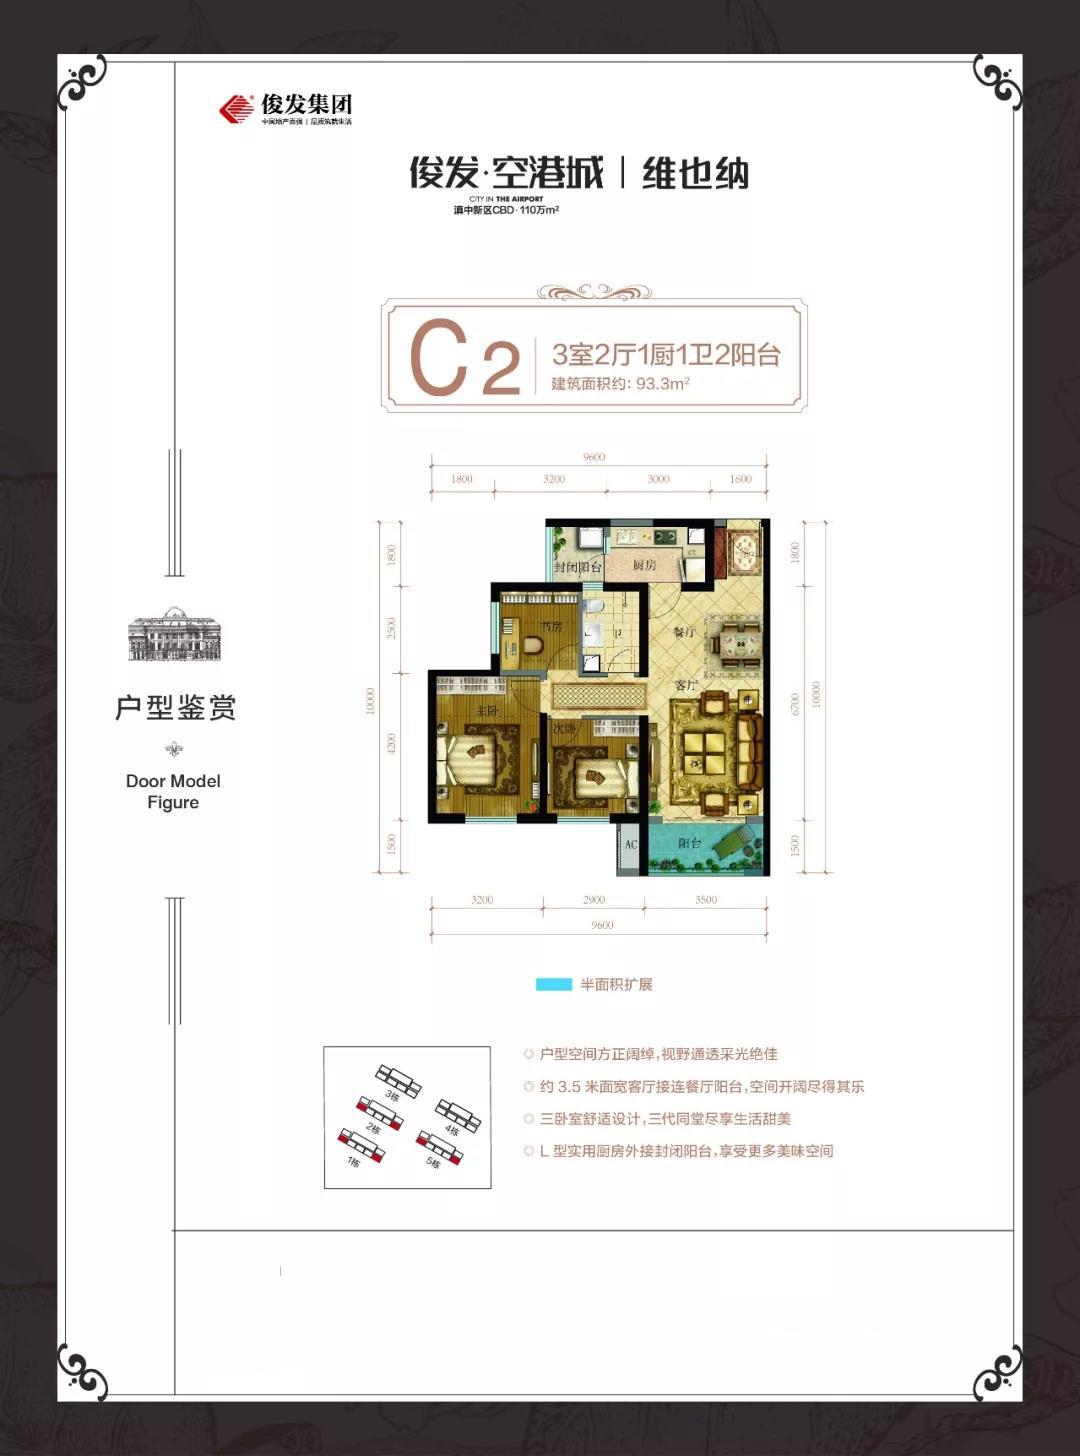 C2户型 3室2厅1厨1卫2阳台 建面:93.3㎡